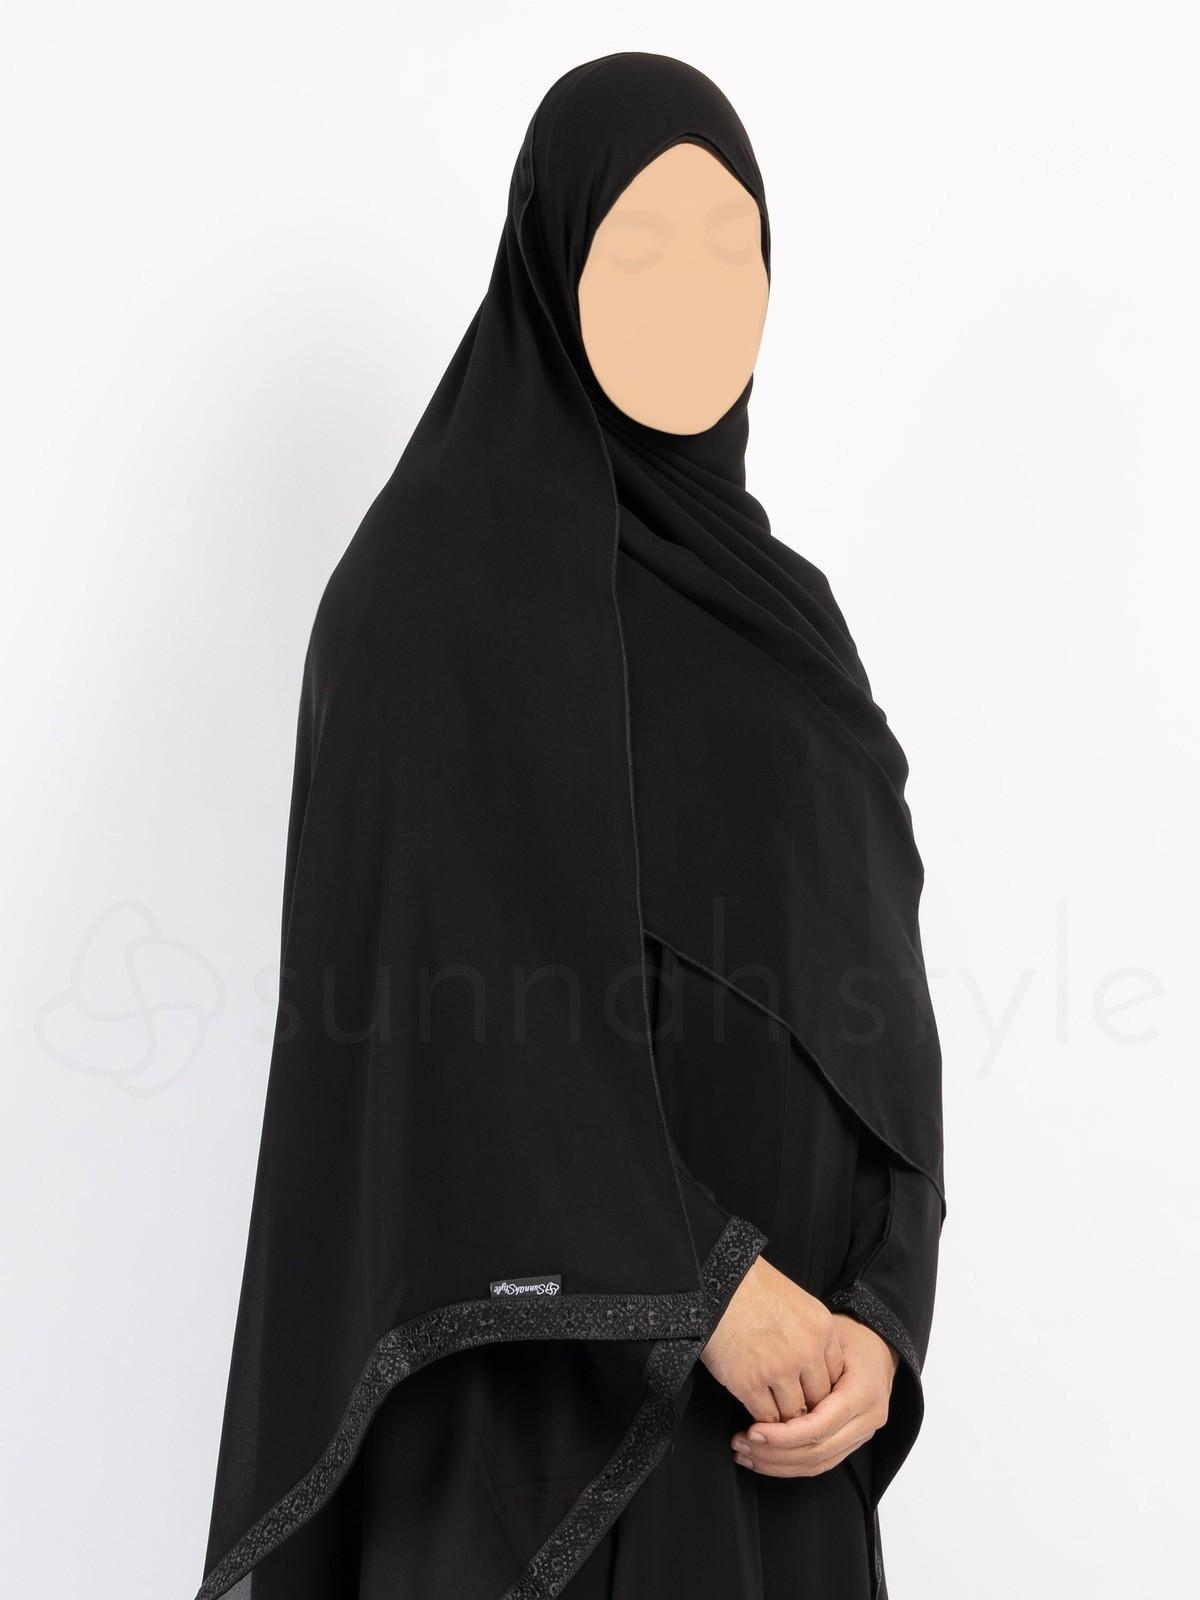 Sunnah Style - Obsidian Shayla